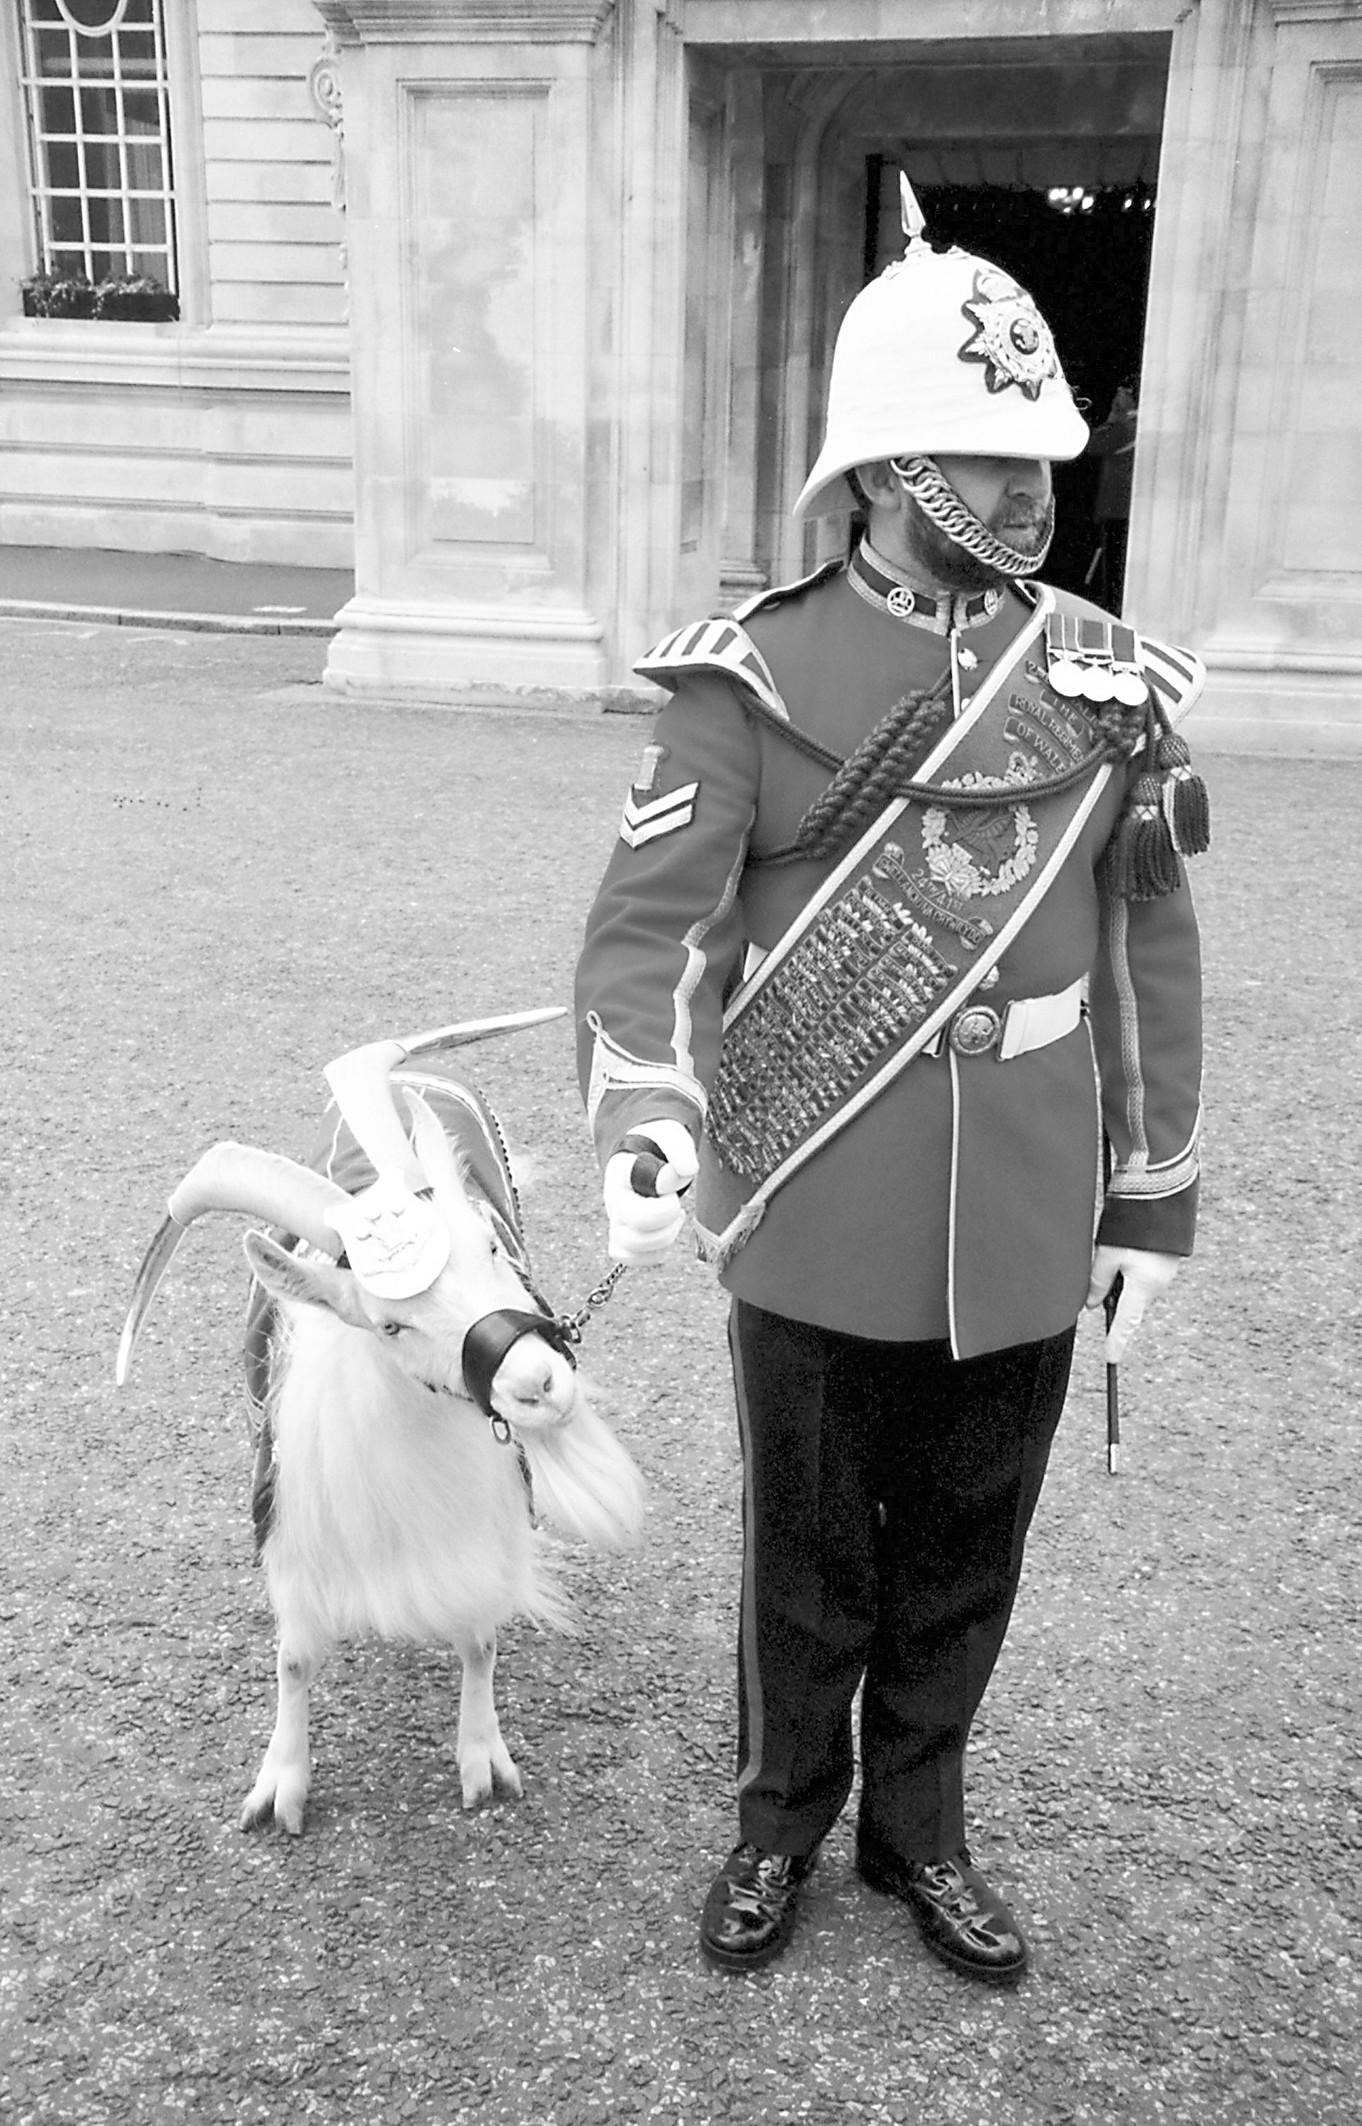 鹦鹉曾对女王出言不逊 英军动物吉祥物军衔不低